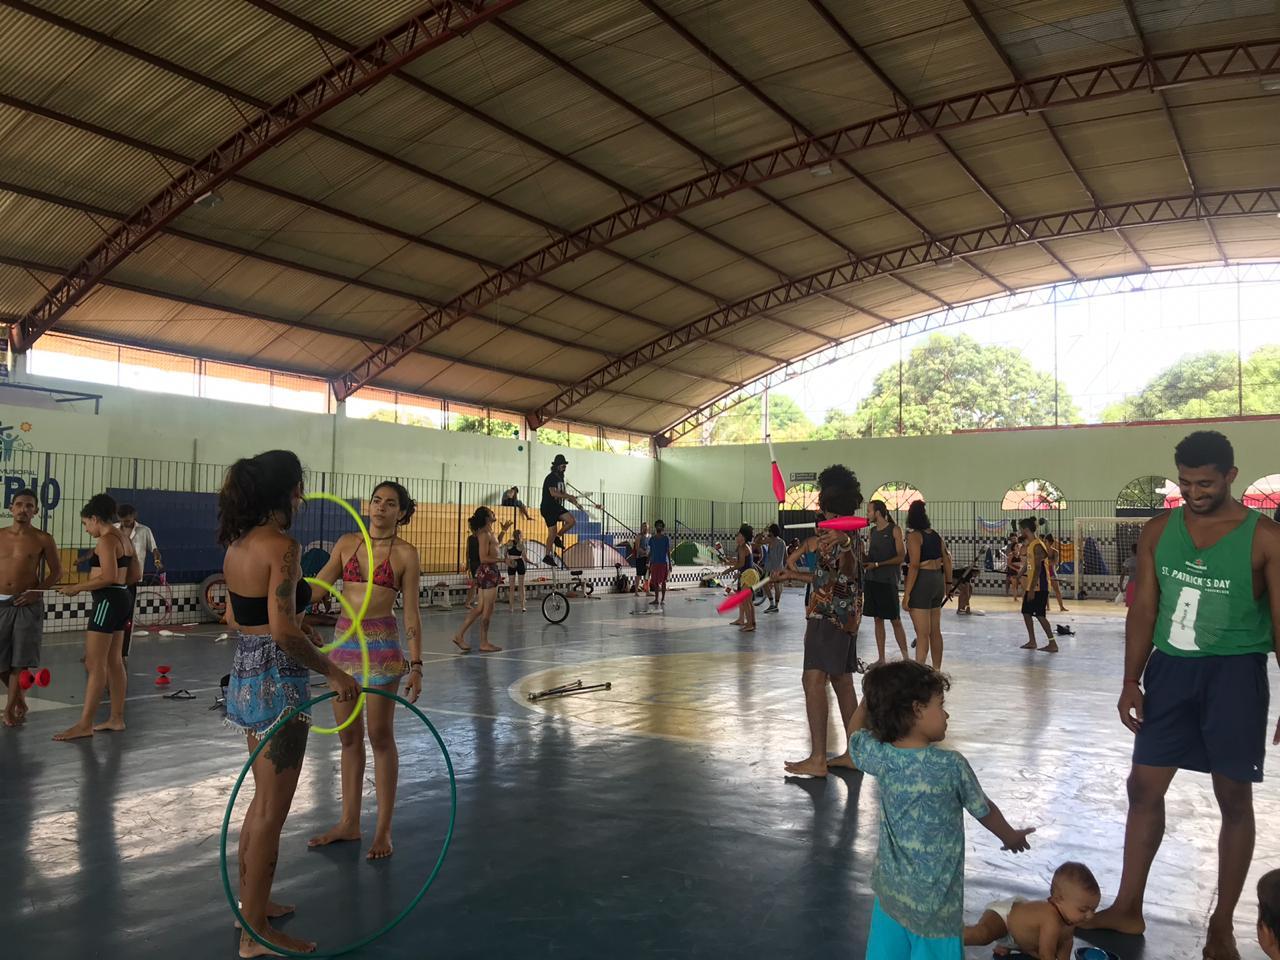 Eusébio realiza abertura da 20ª Convenção Brasileira de Malabarismo e Circo